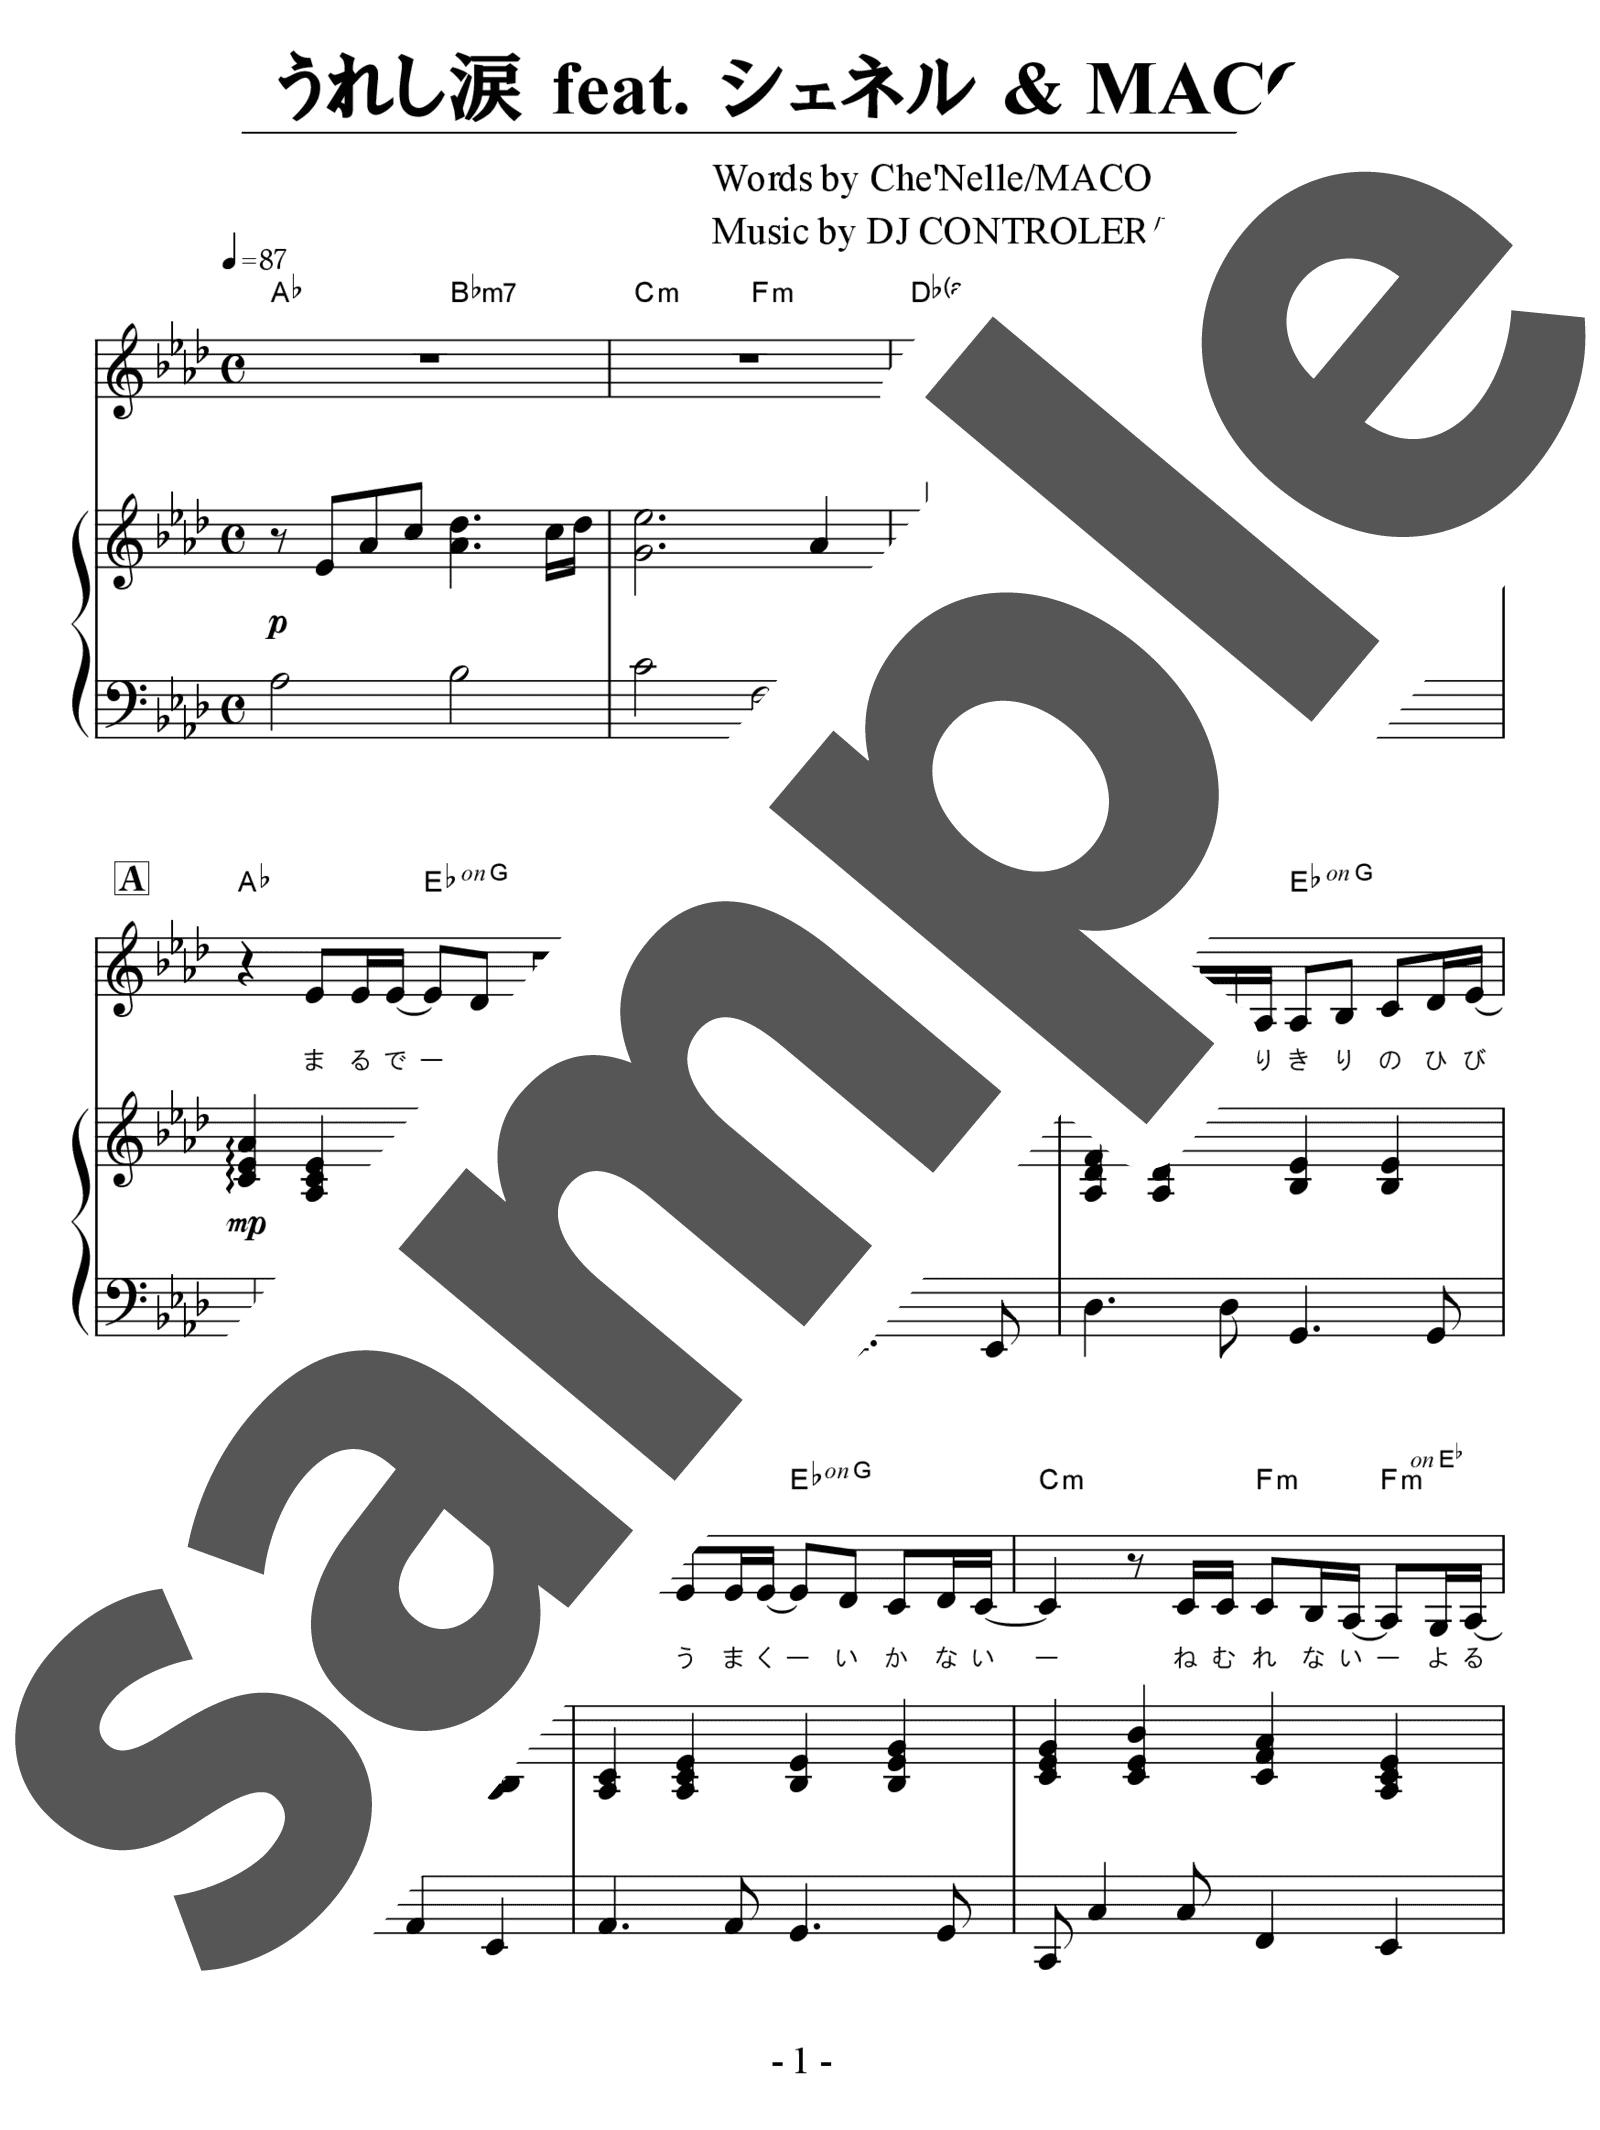 「うれし涙 feat. シェネル & MACO」のサンプル楽譜